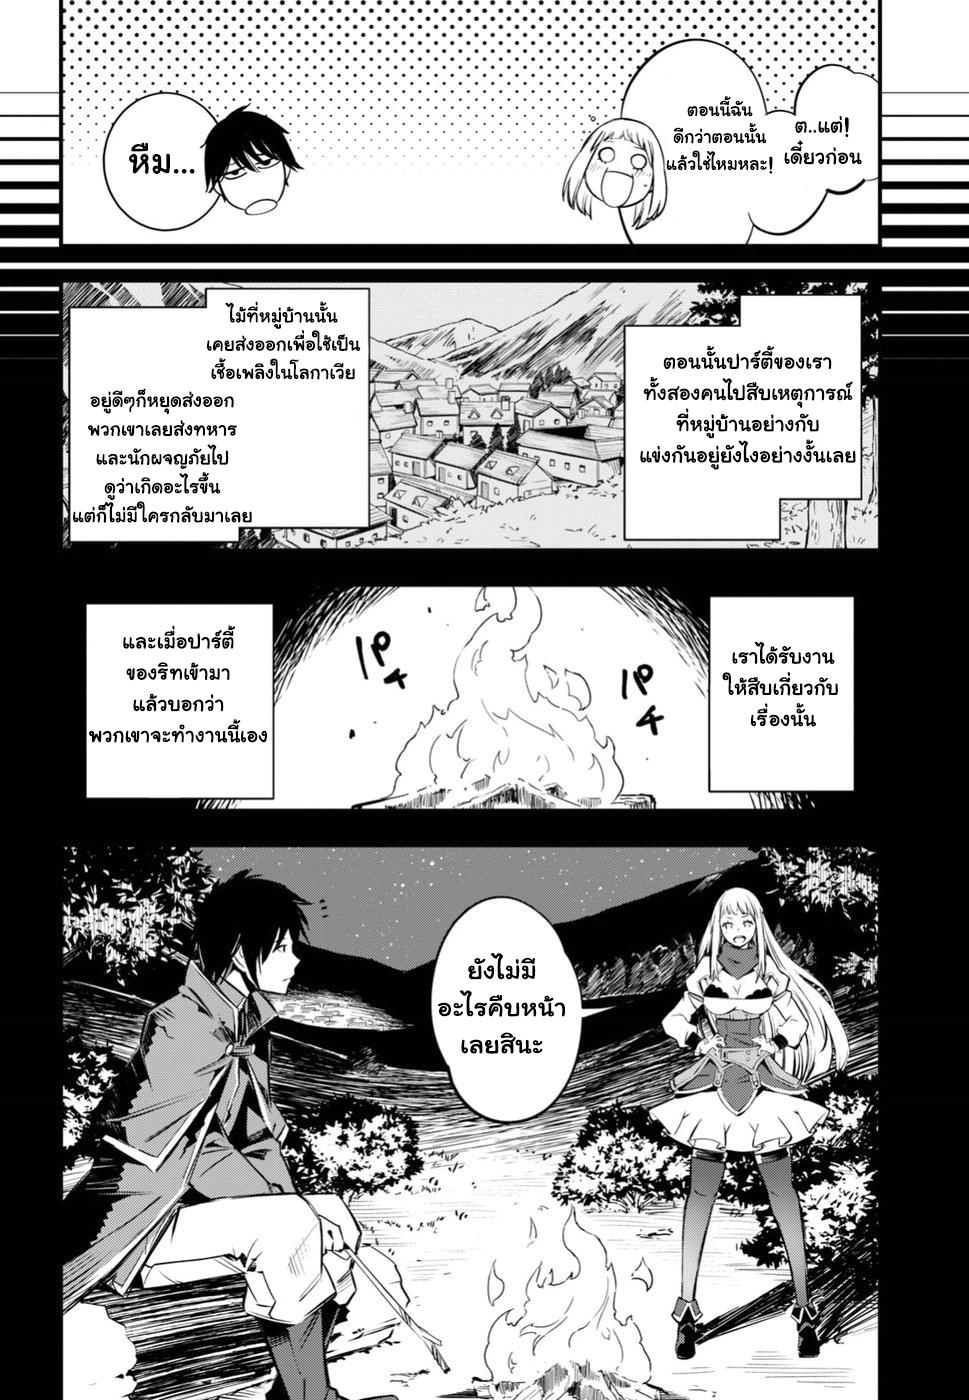 อ่านการ์ตูน Shin no Nakama Janai to Yuusha no Party wo Oidasareta no de Henkyou de Slow Life suru koto ตอนที่ 3 หน้าที่ 12